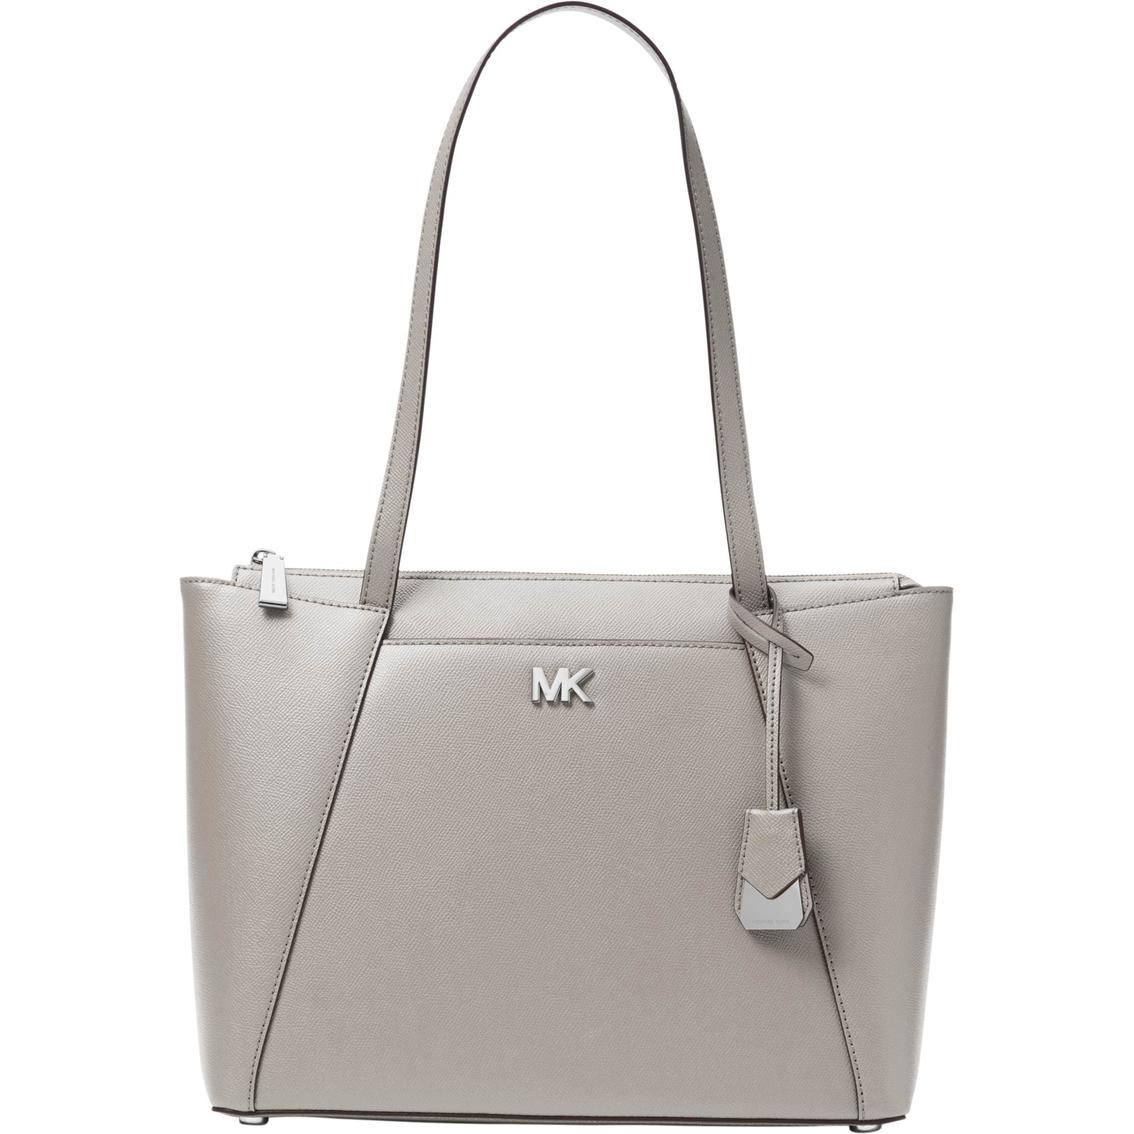 7321bdd24279 Michael Kors Maddie Medium East West Tote | Handbags | Shop The Exchange